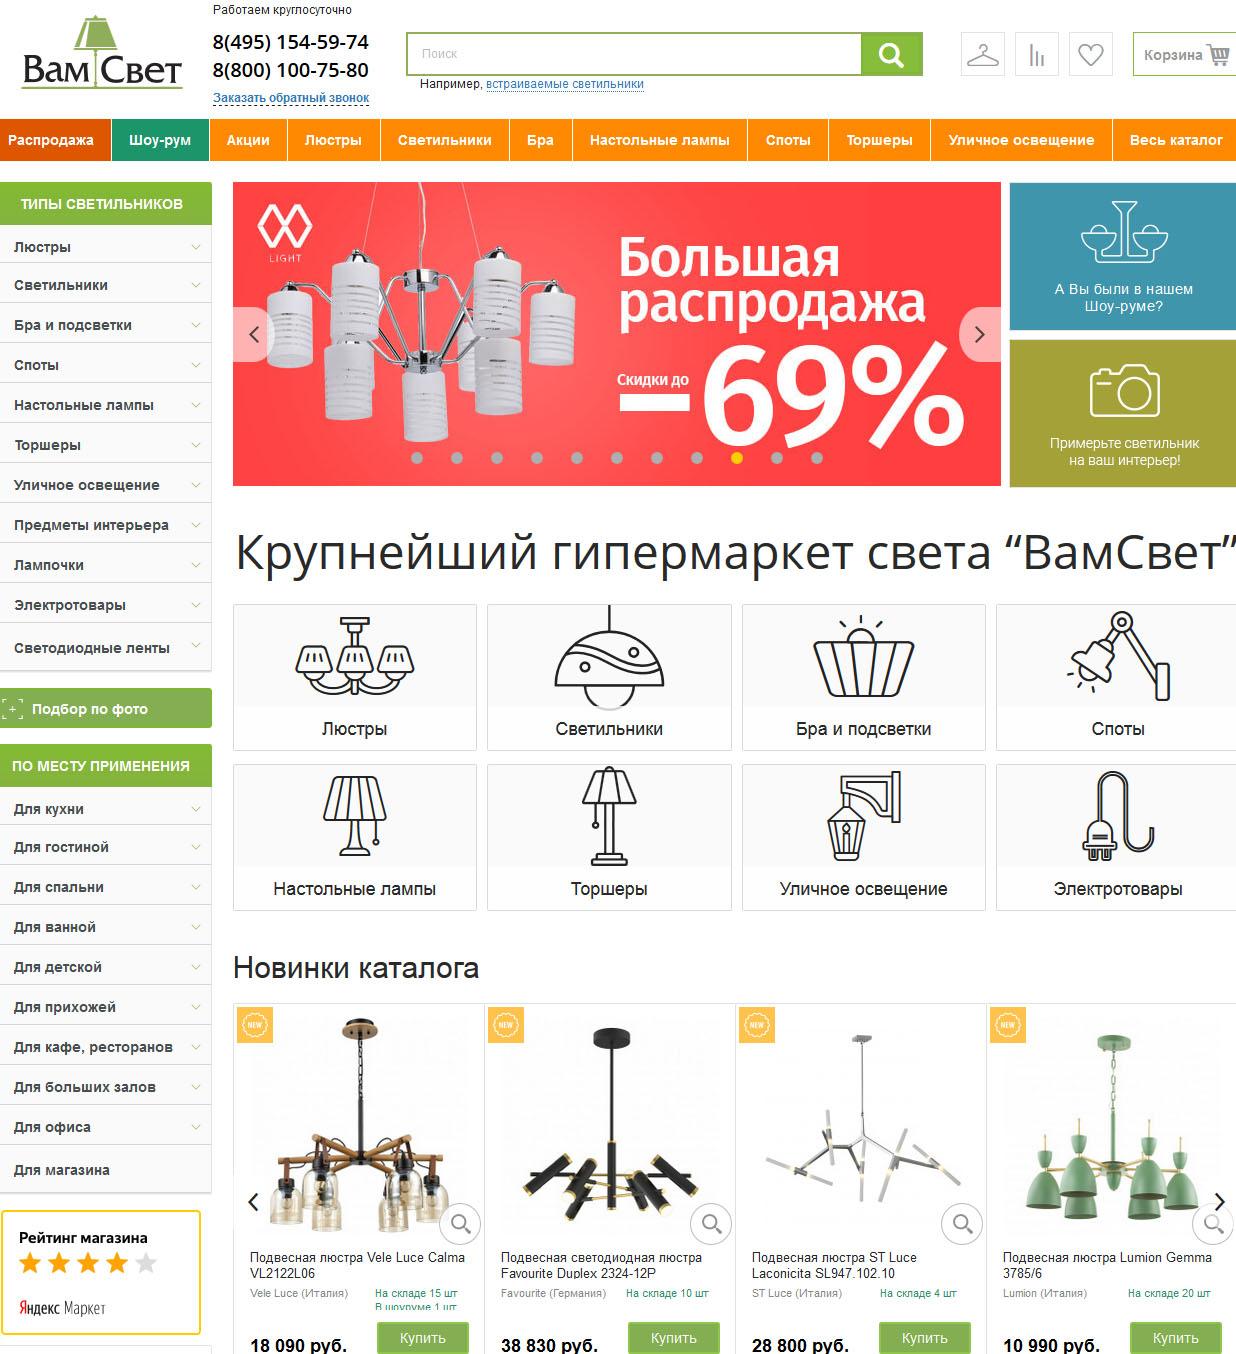 Интернет-магазин ВамСвет